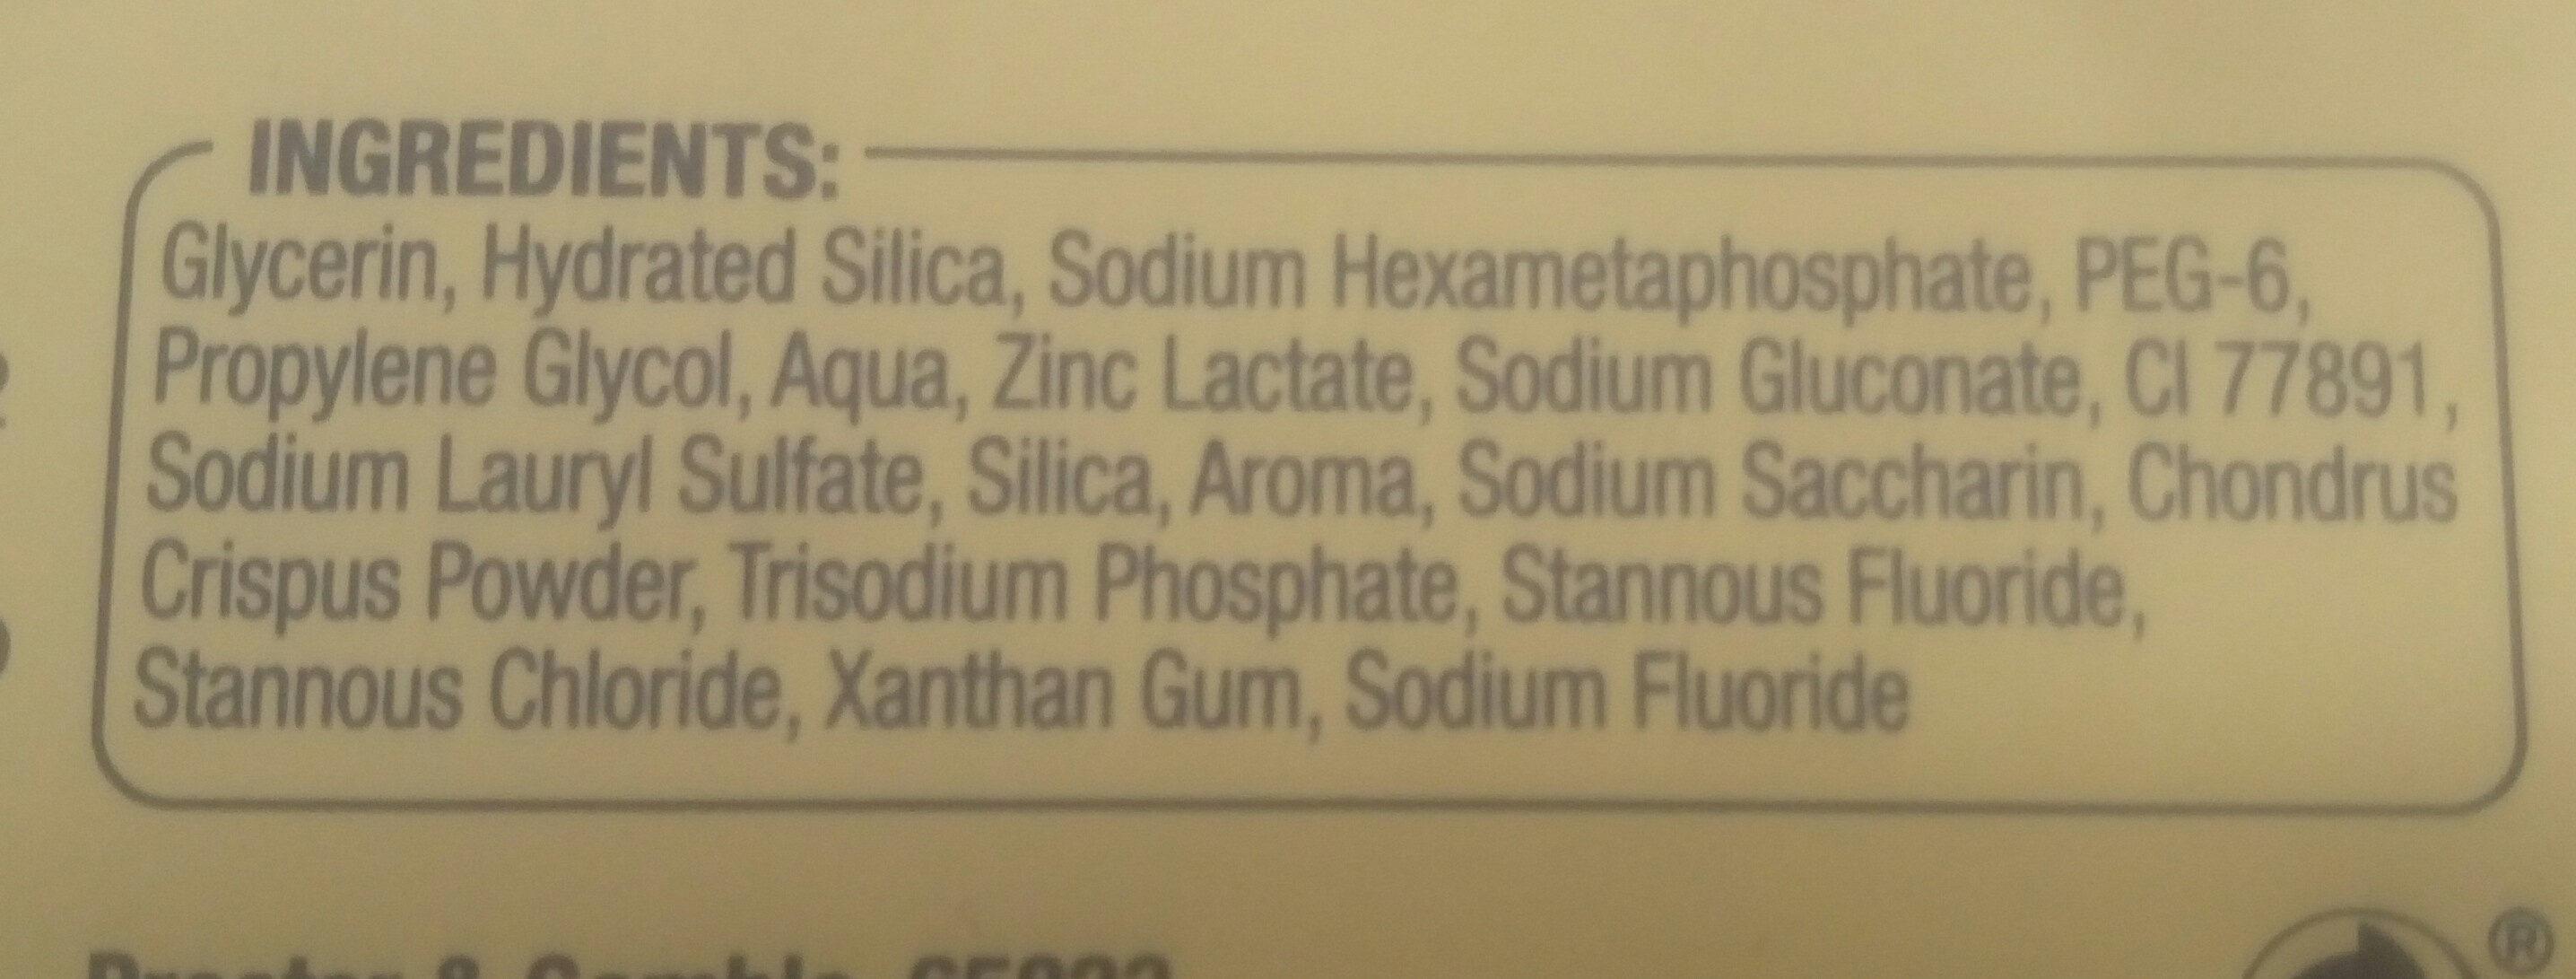 Oral-B PROFESSIONAL Zahnfleisch & -schmelz PRO-REPAIR ORIGINAL - Ingredients - de